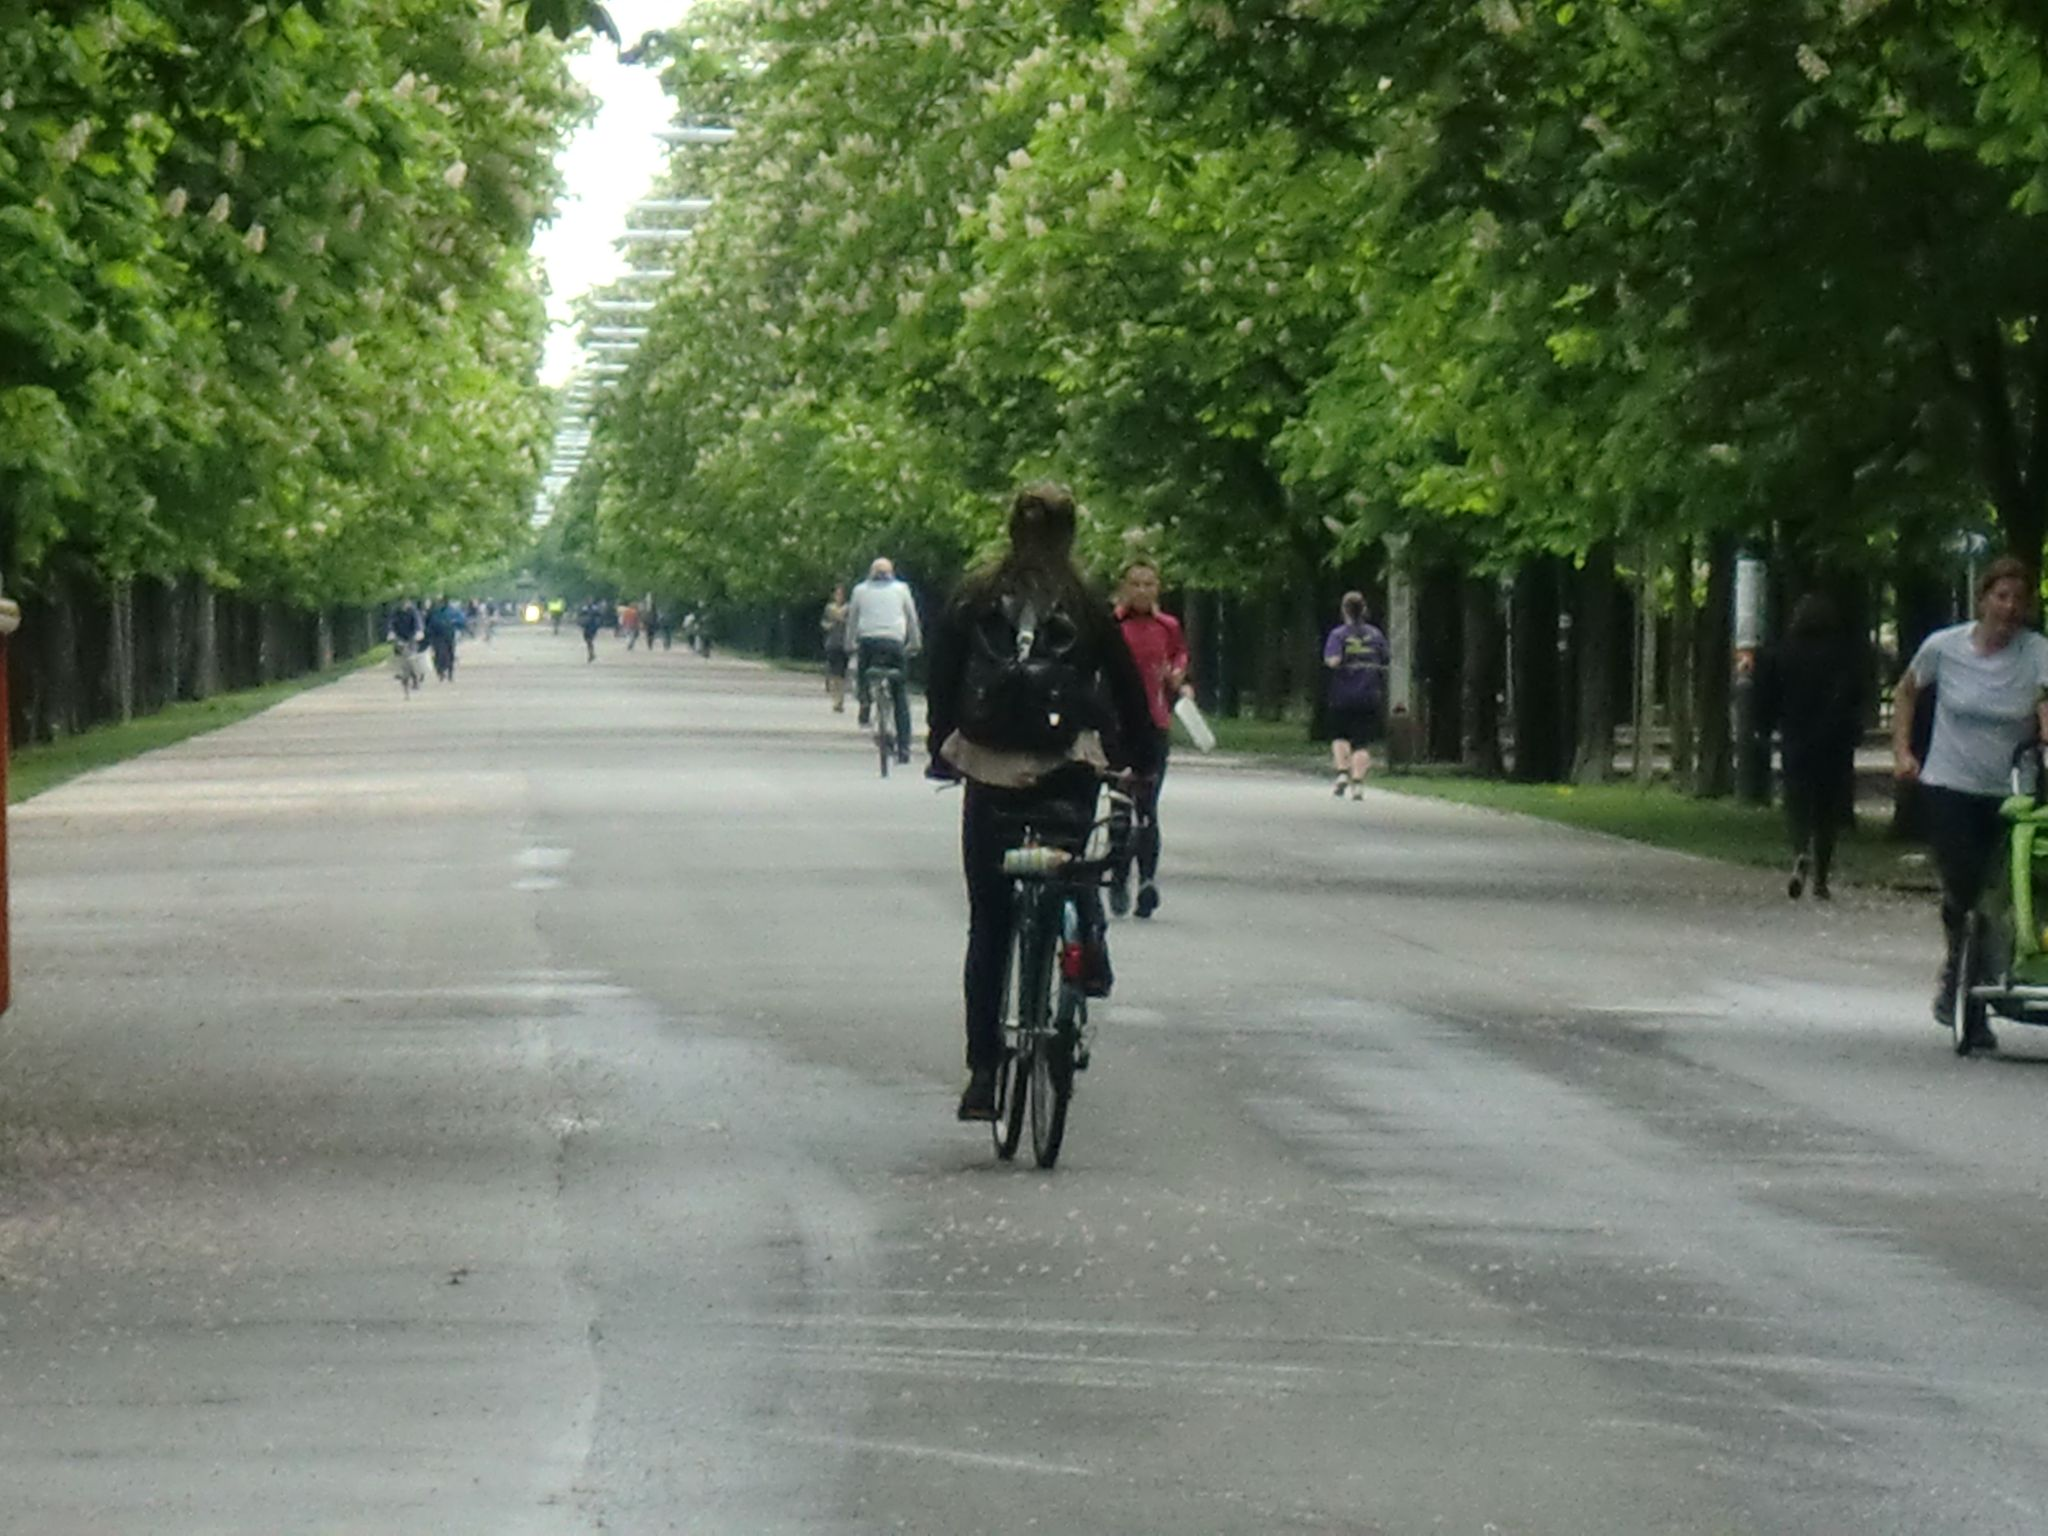 Vienna park 36 1440x1080 - Vienna: elegant beauty